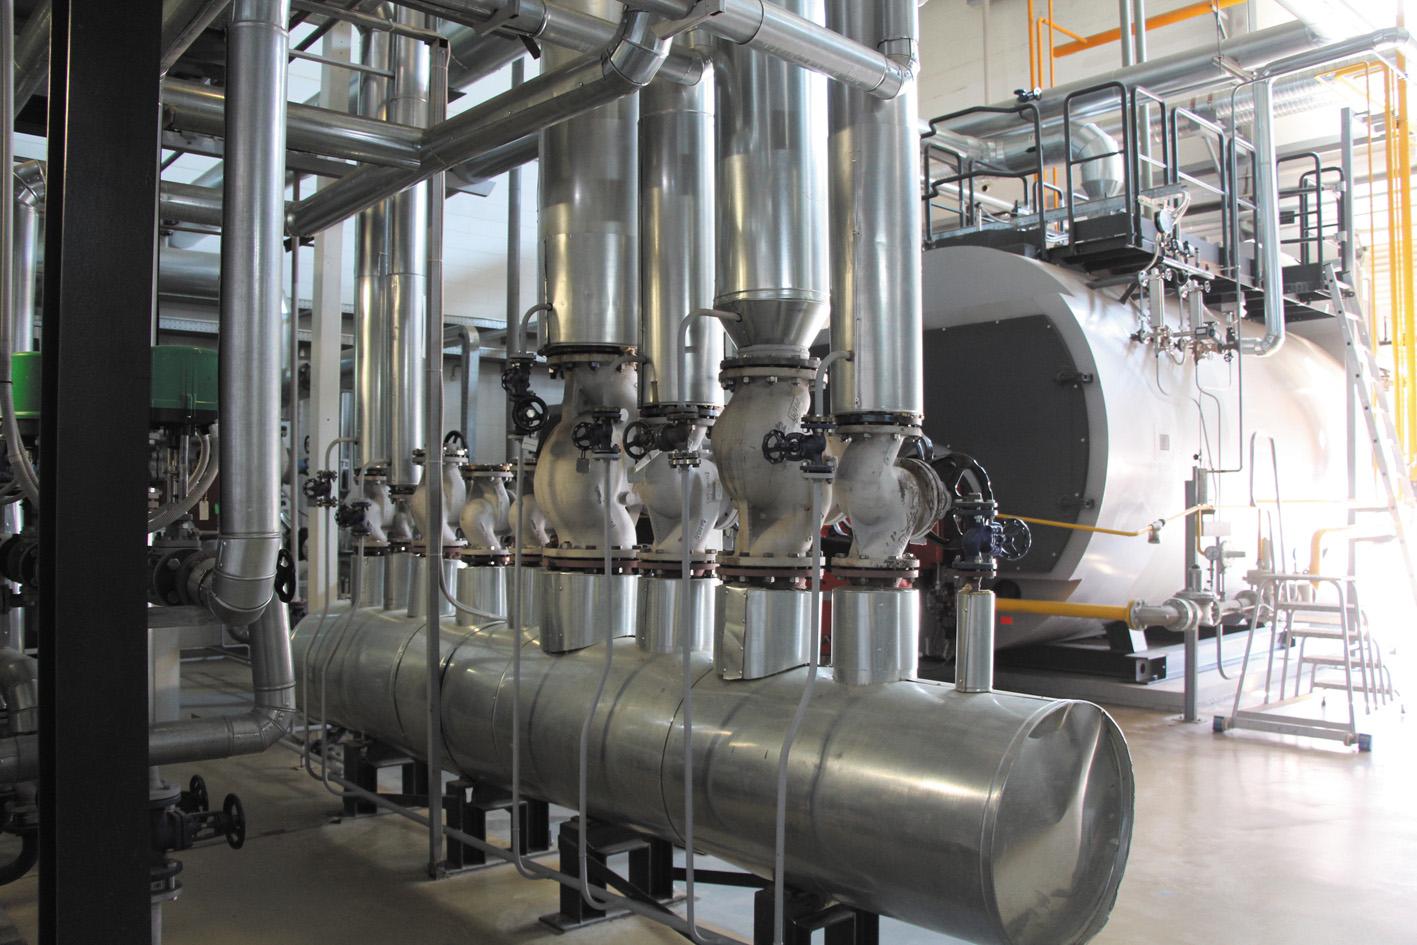 паровые котлы Viessmann, работающие на природном газе